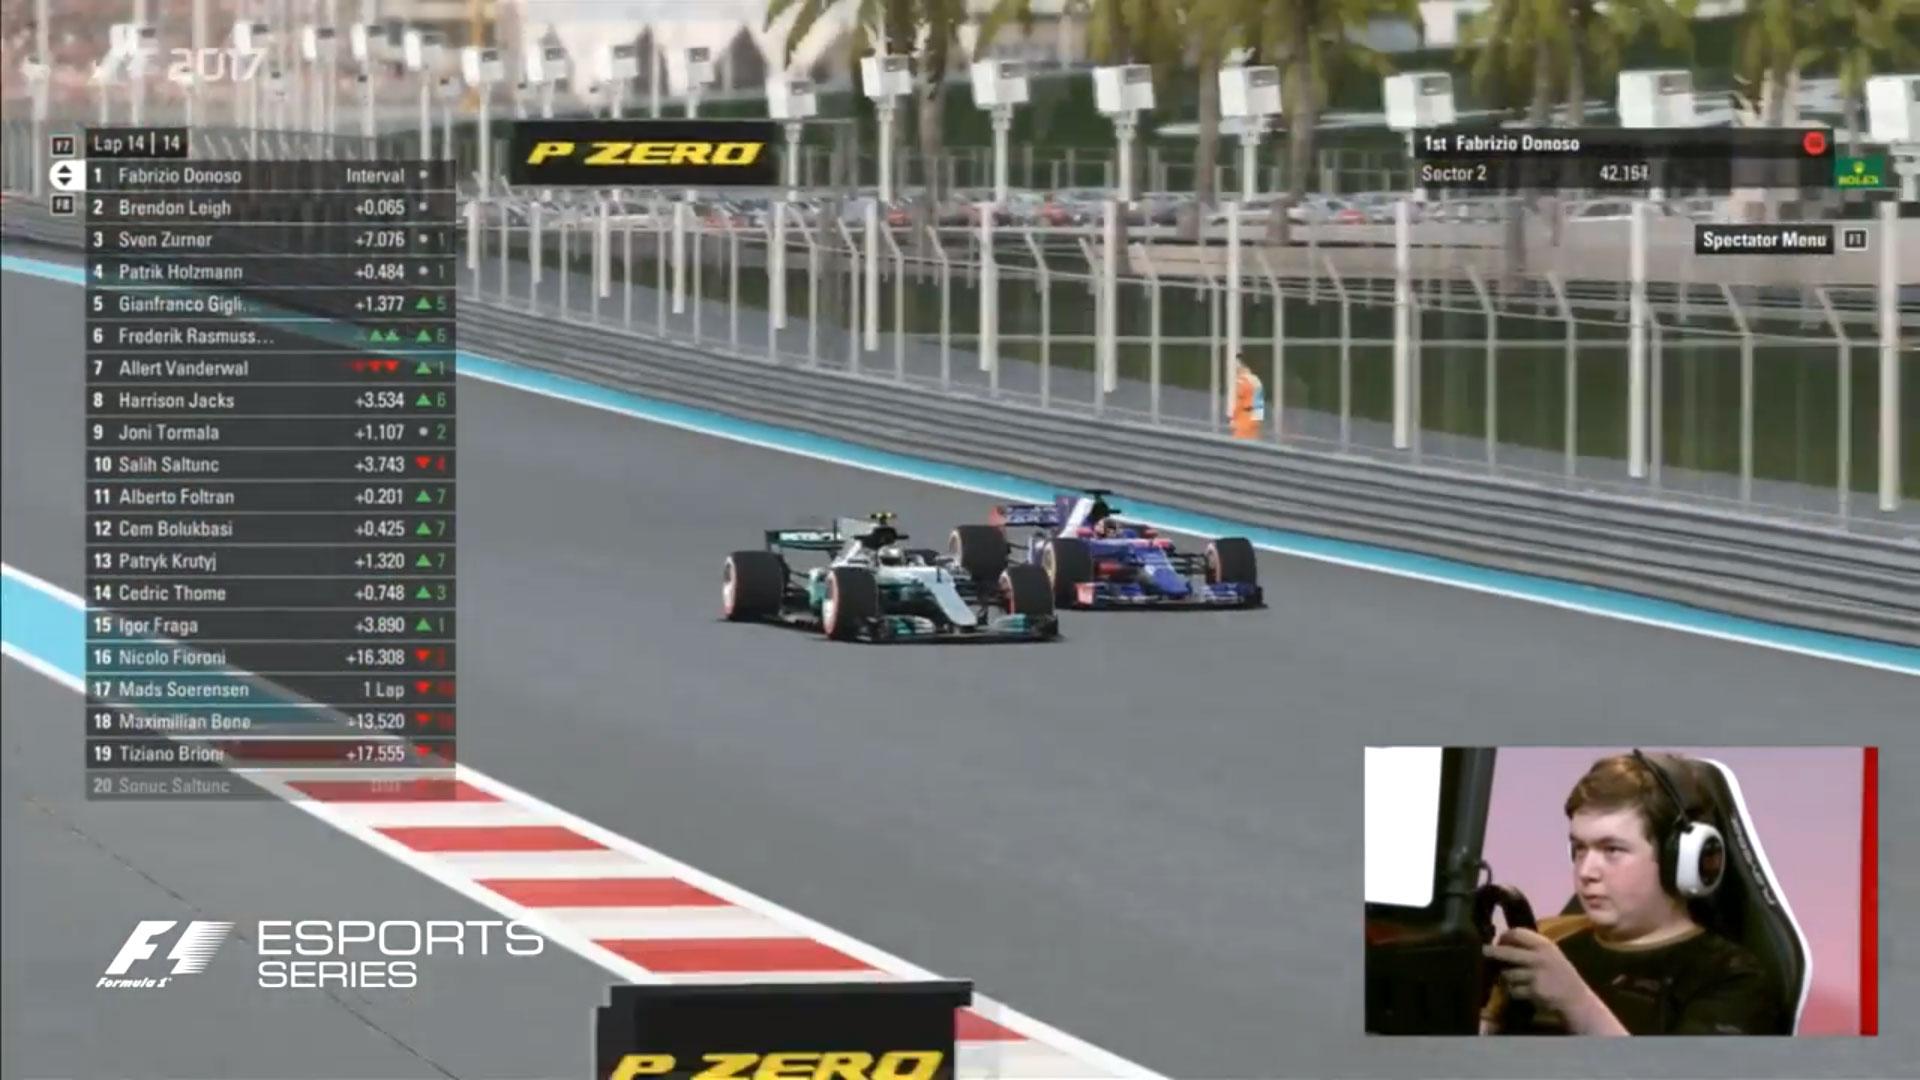 F1 Esports final, 2017